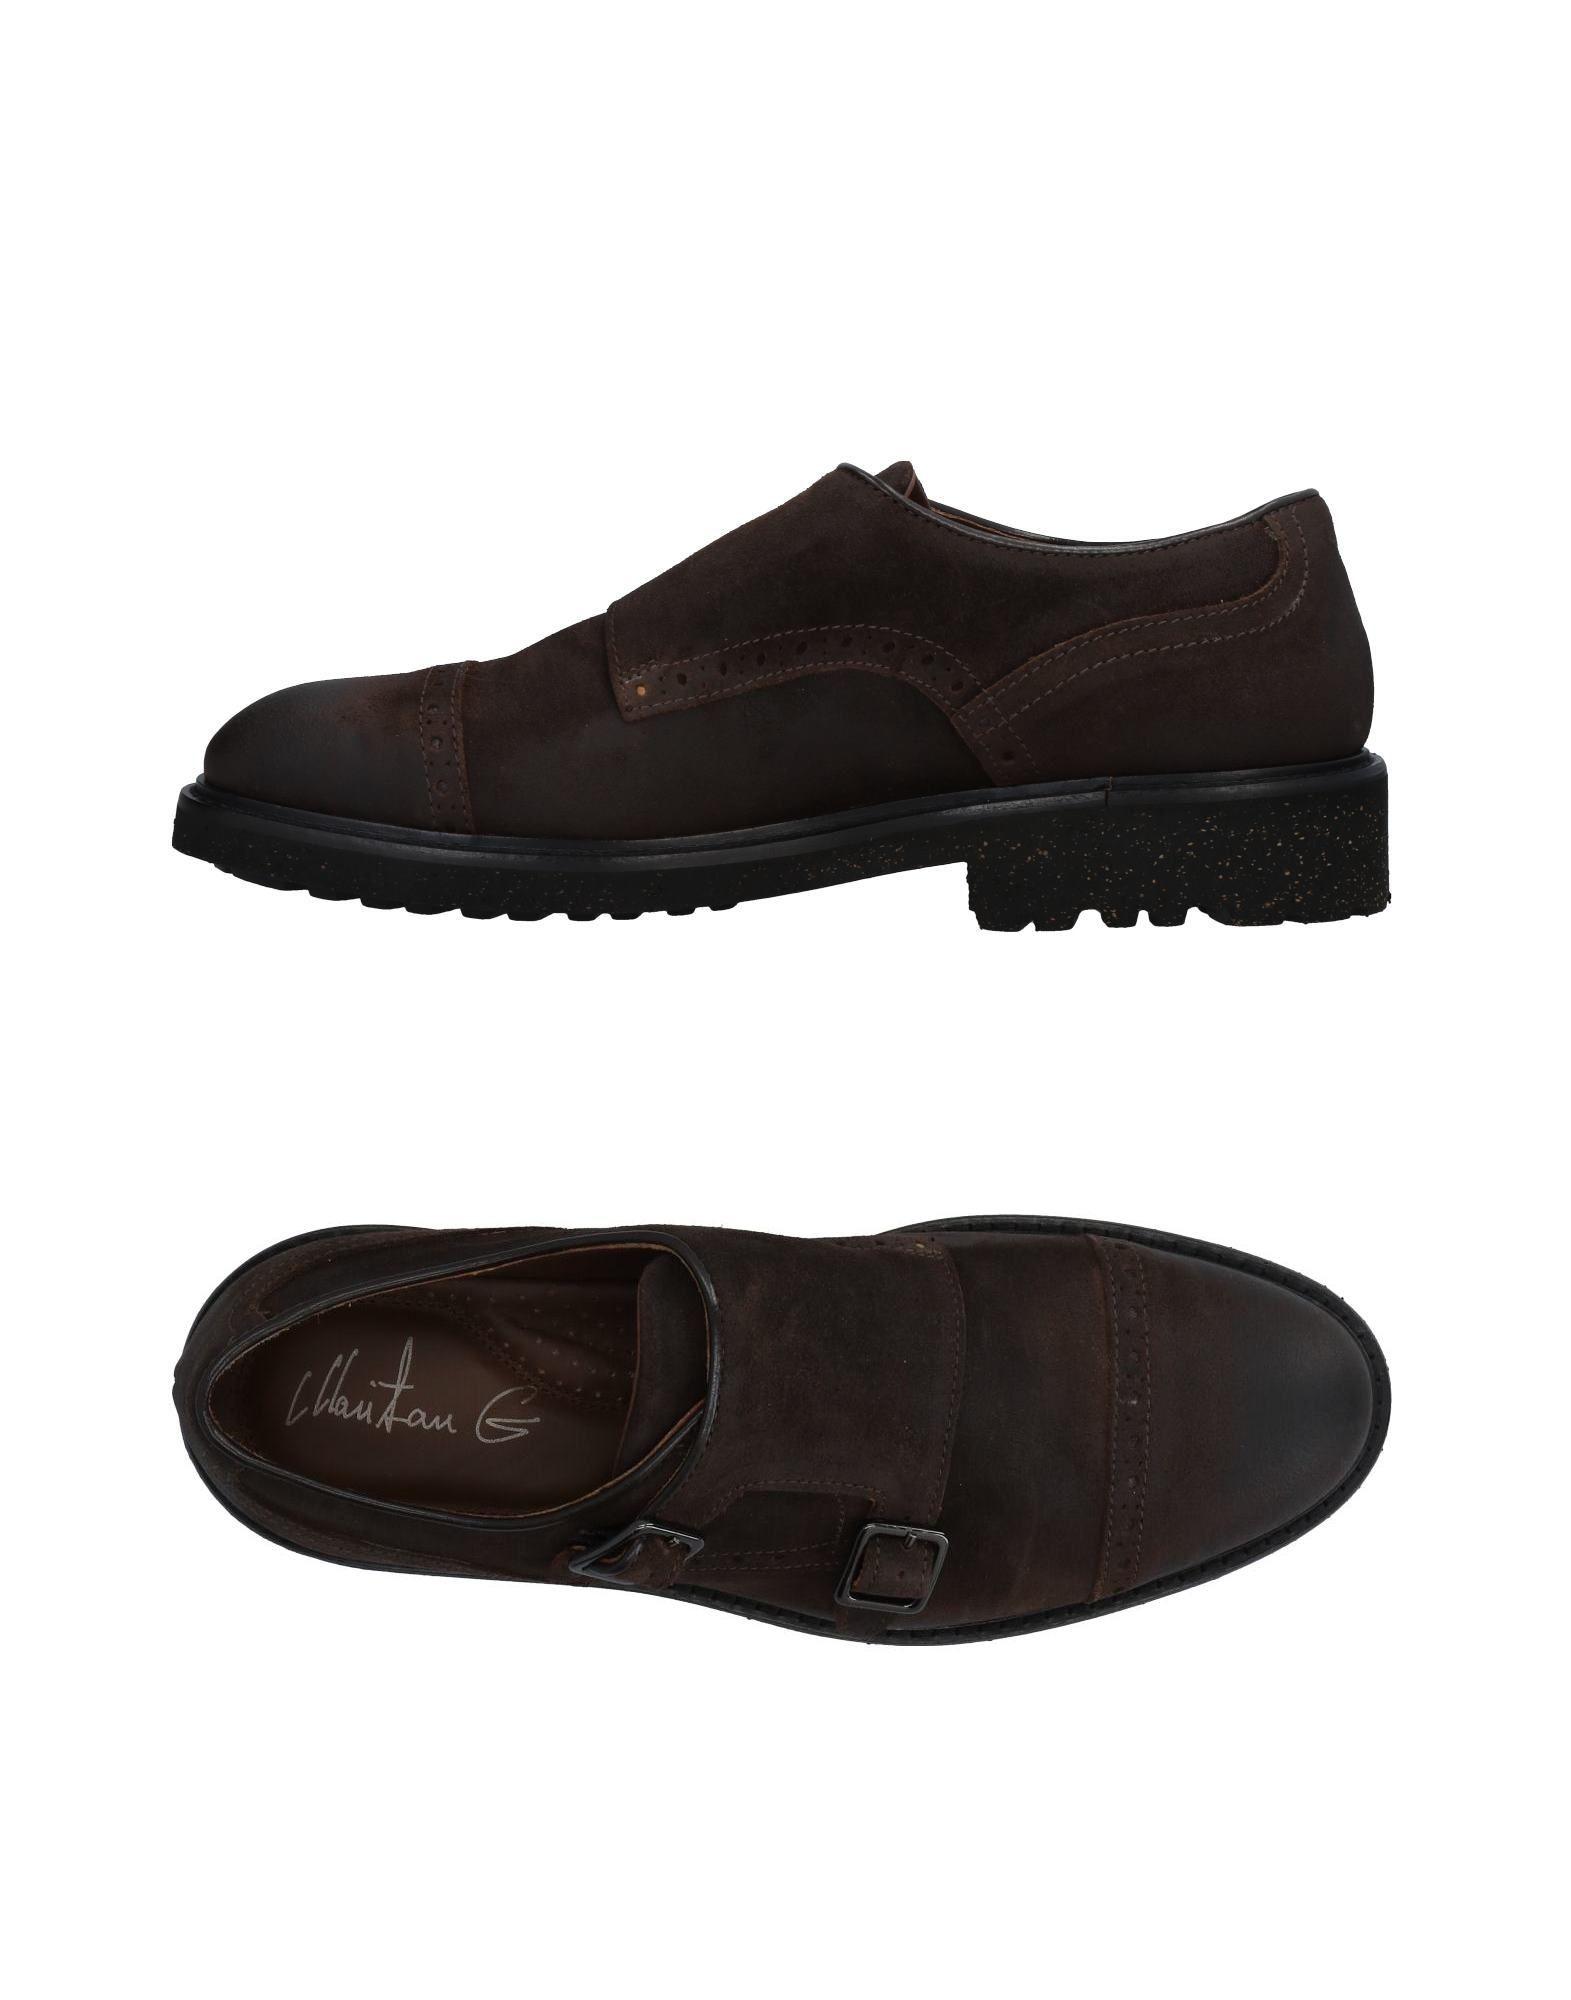 Rabatt echte Schuhe Maritan G Mokassins Herren  11481280NH